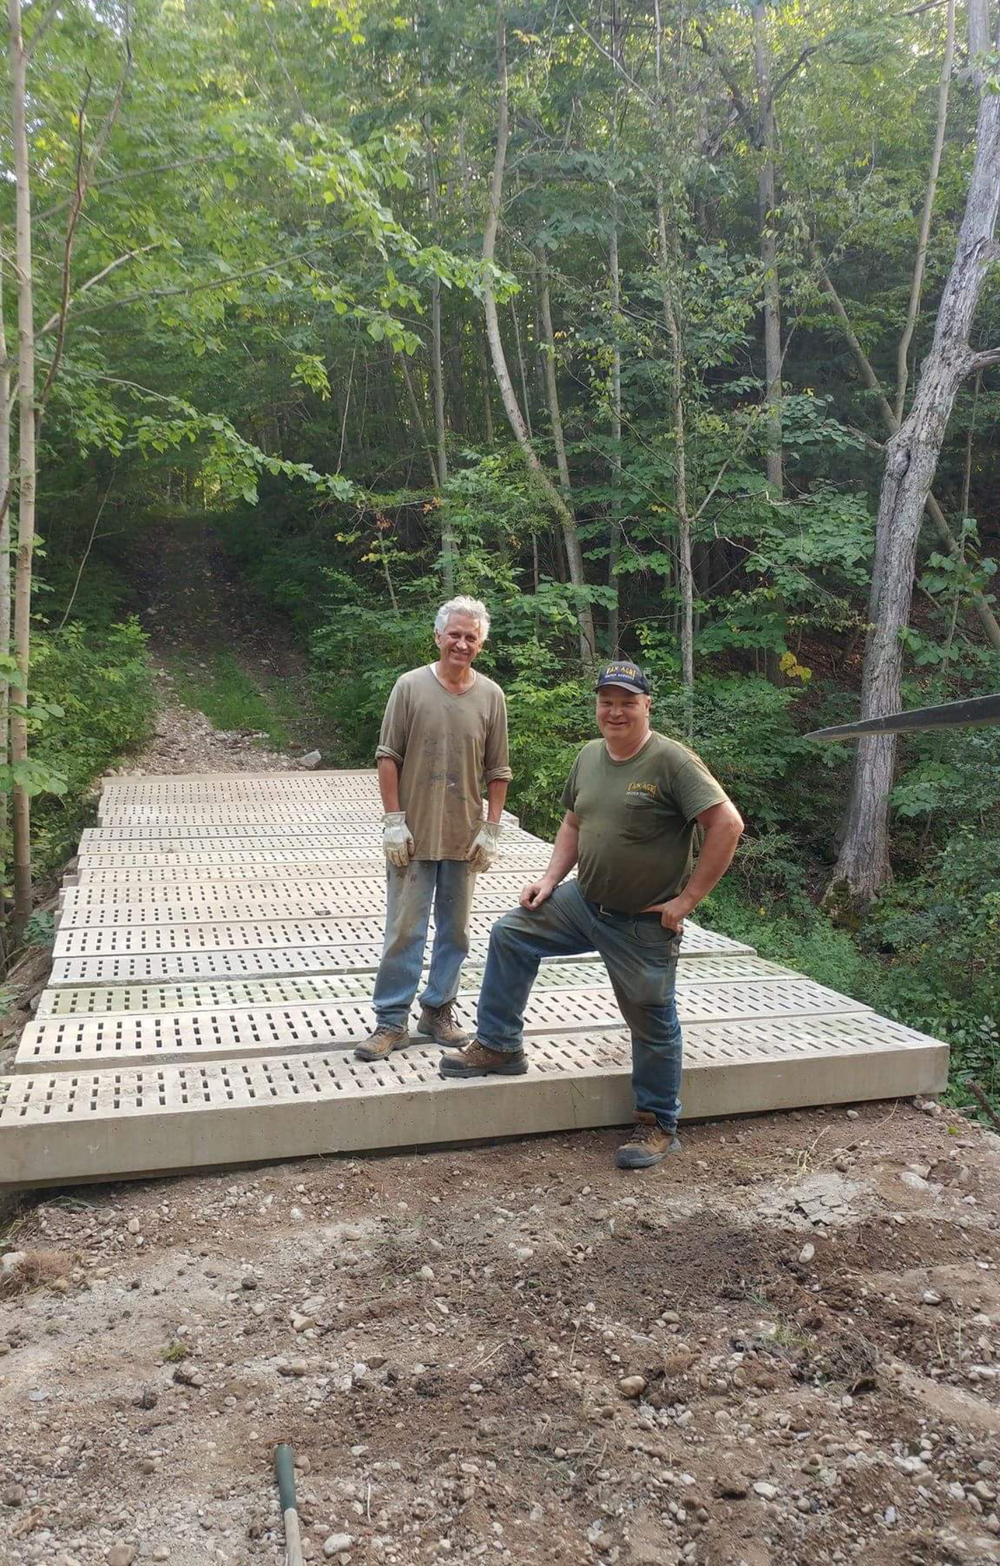 New_bridge-sunnivue.png